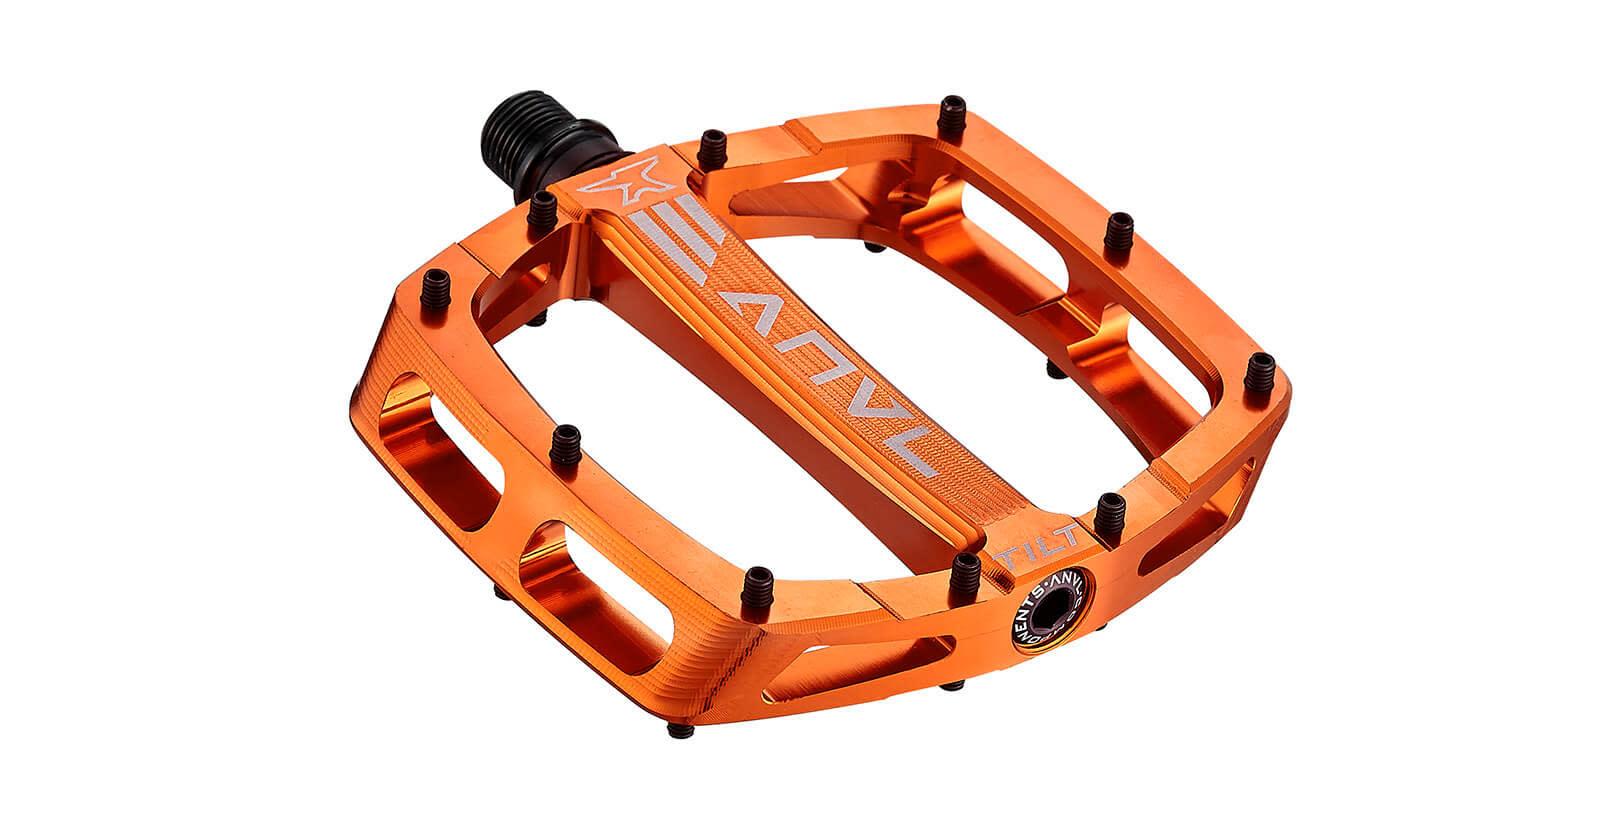 ANVL Tilt, Molten Orange